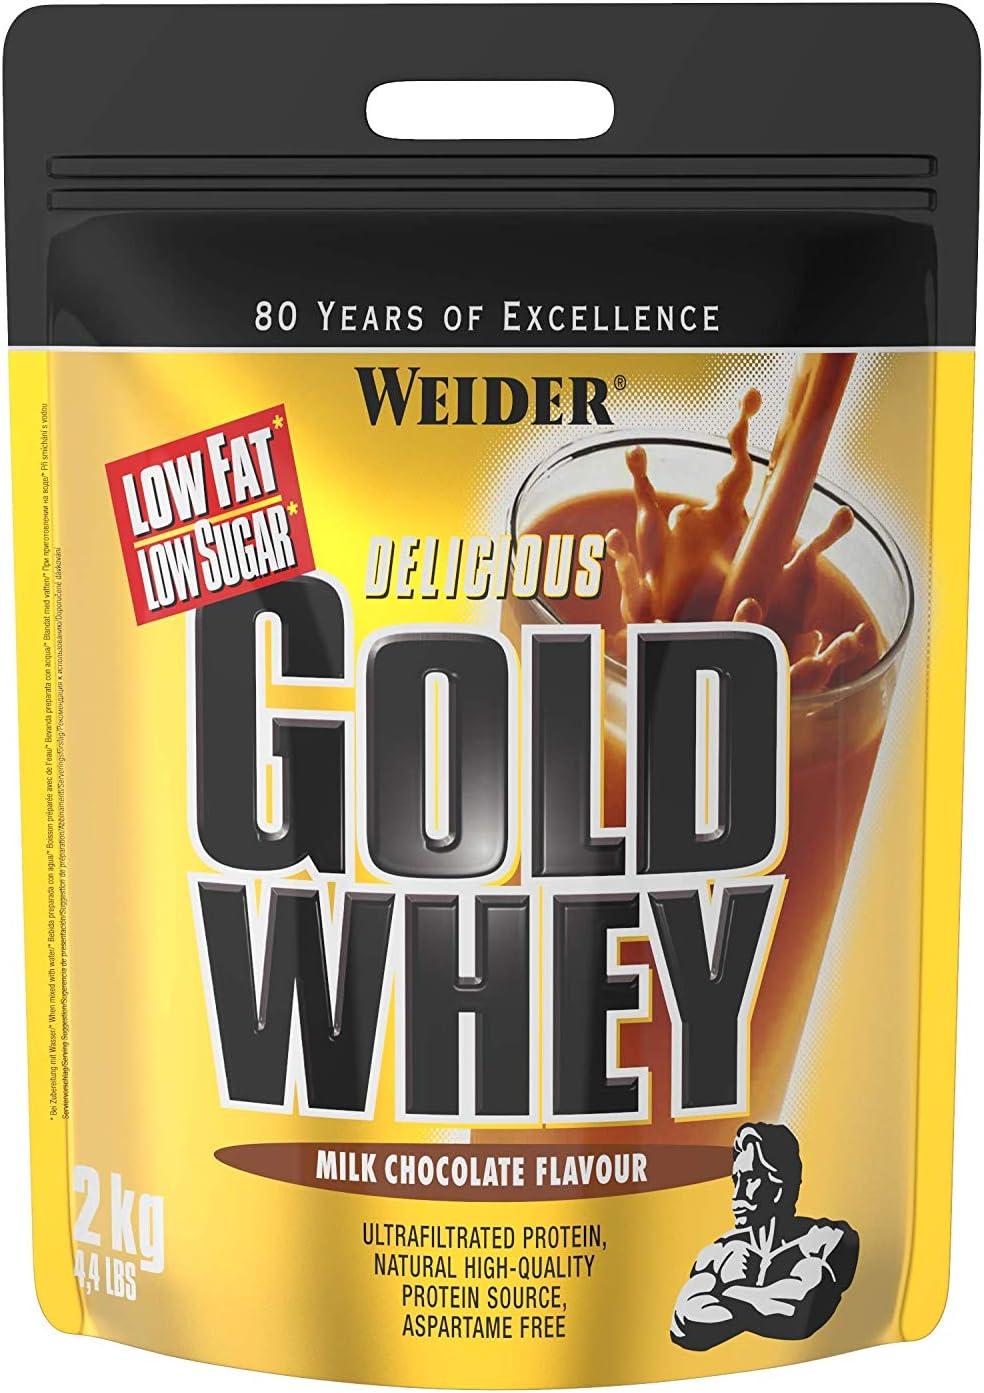 Weider Gold Whey Sabor Chocolate - Concentrado de Proteína de Suero de la Más Alta Calidad, Fácil Absorción y Digestión, Baja en Grasas y Azúcares, ...